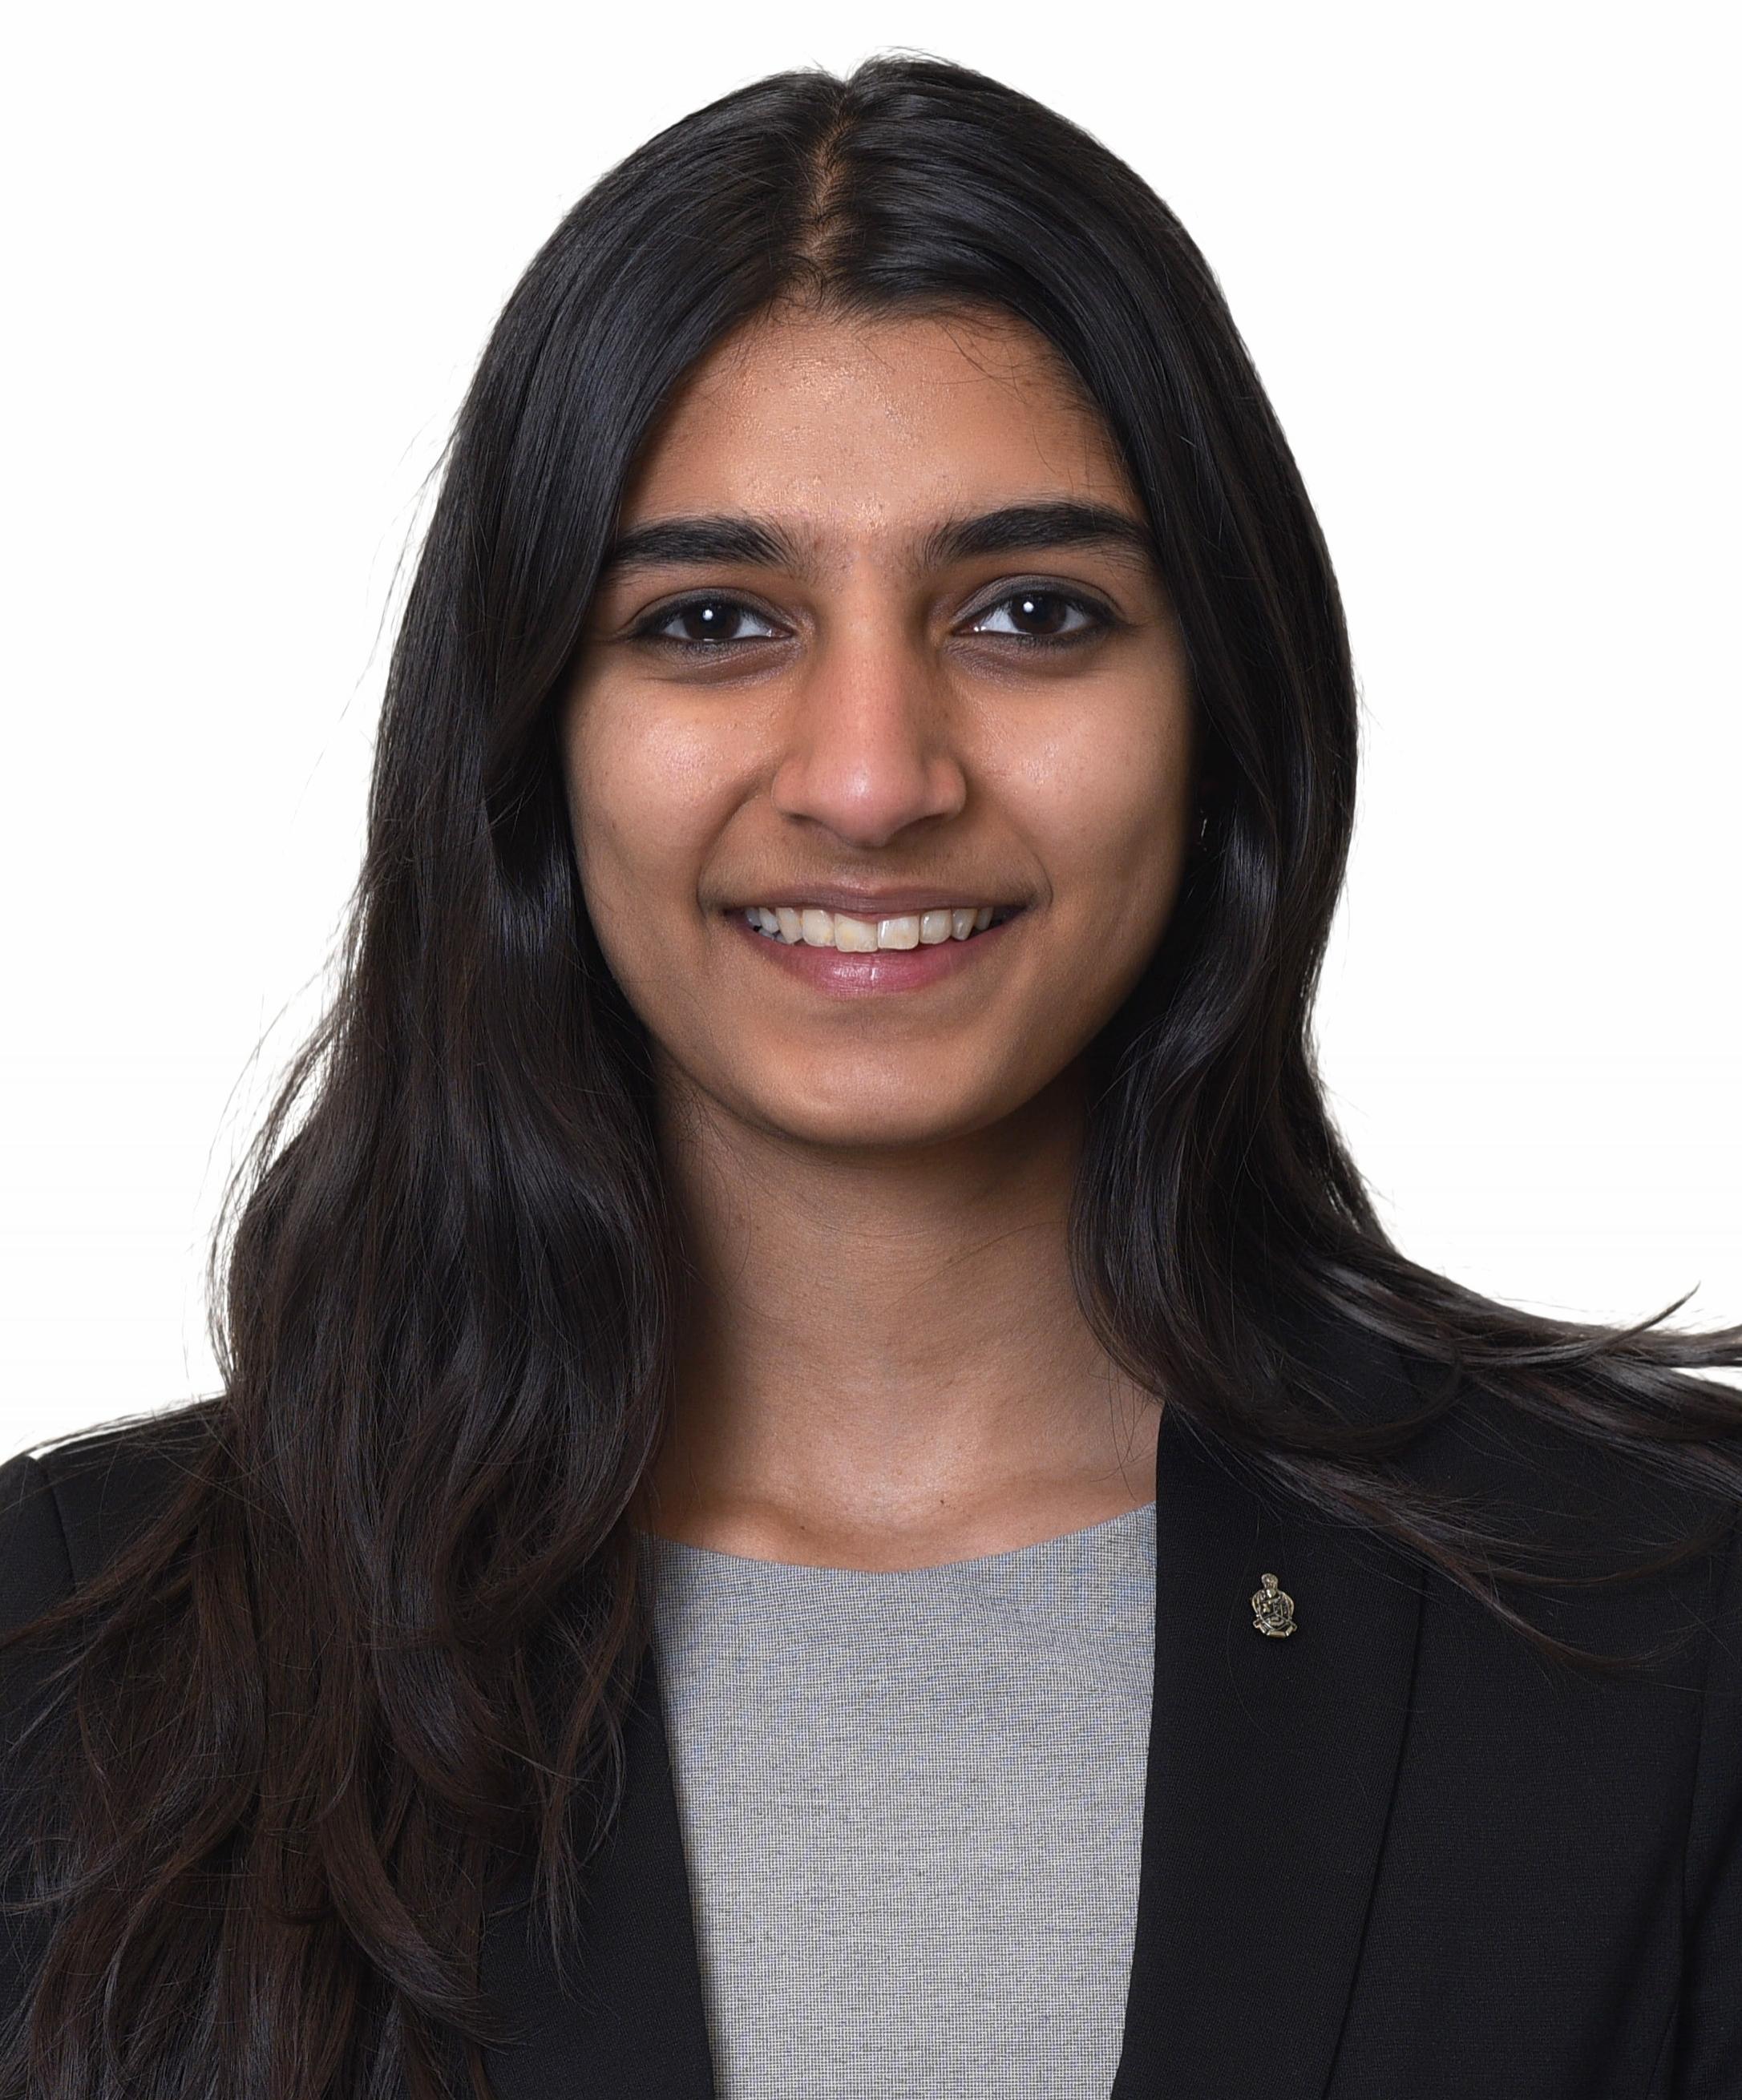 Priya Varatharajan